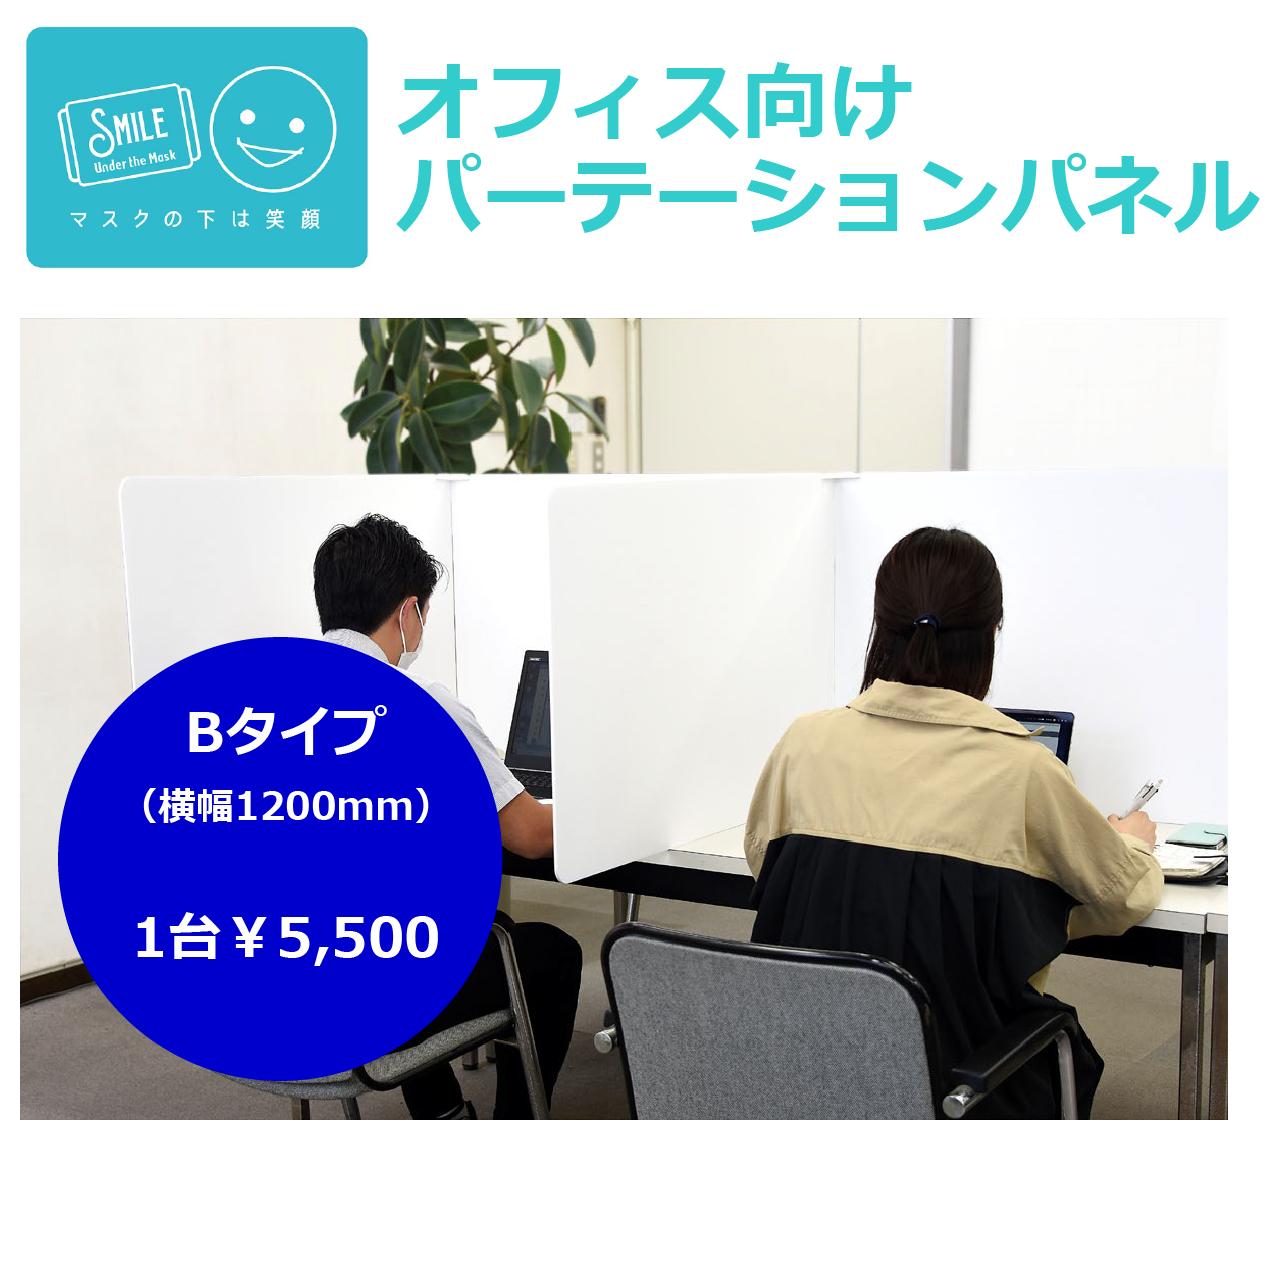 オフィス向け パーテーションパネル Bタイプ(横幅1200mm)